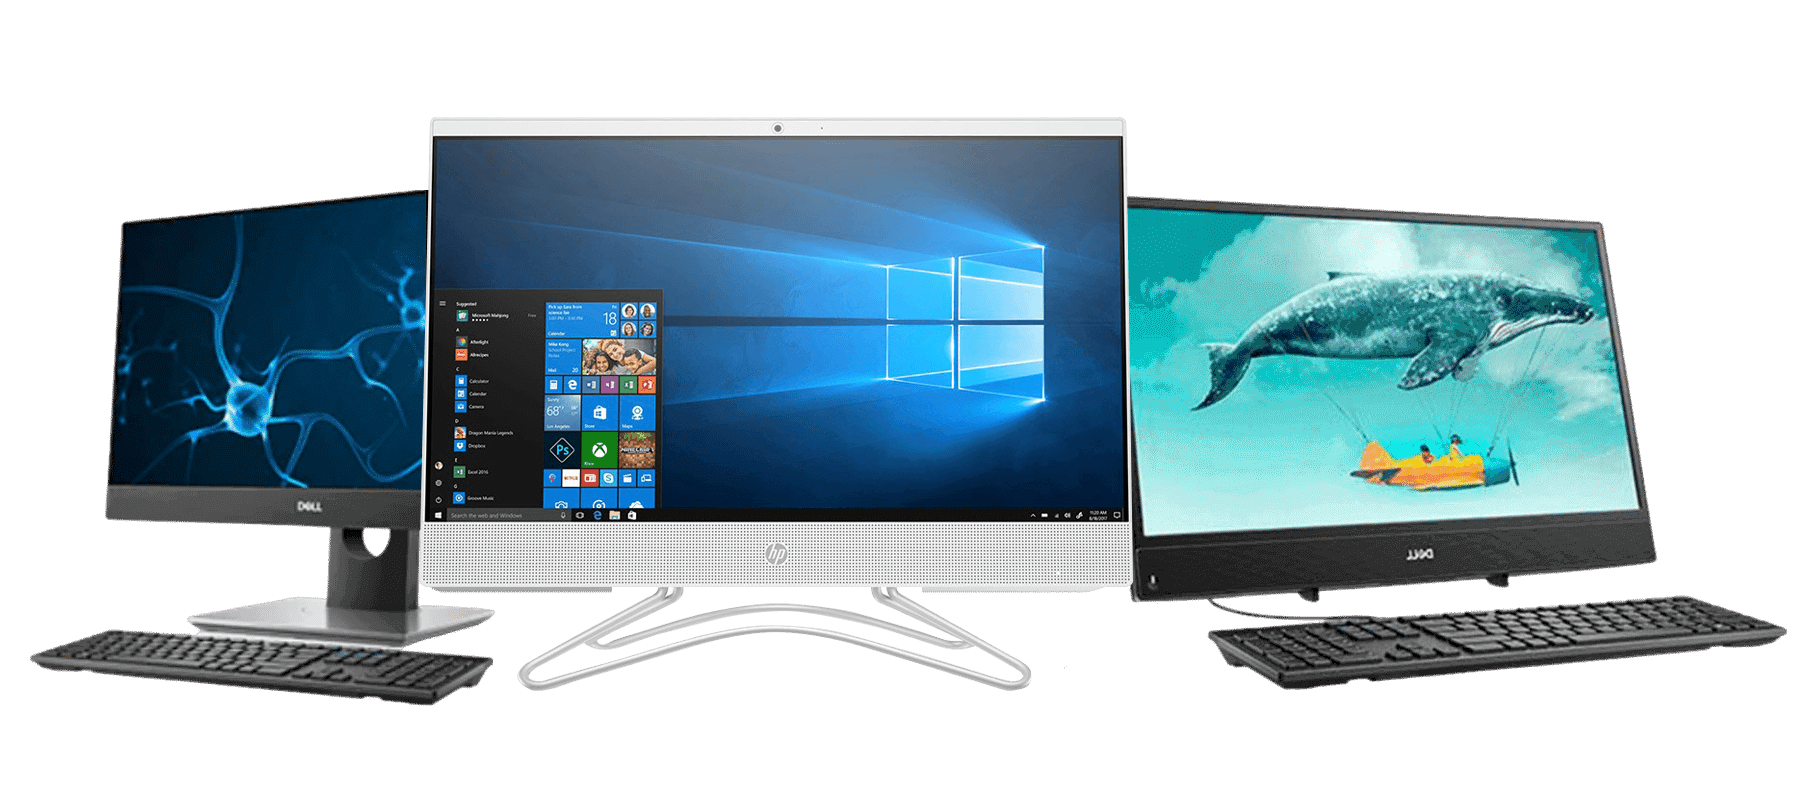 thay 1 - Mua Máy tính All in one, PC AIO Giá rẻ, Chính hãng - Ben Computer